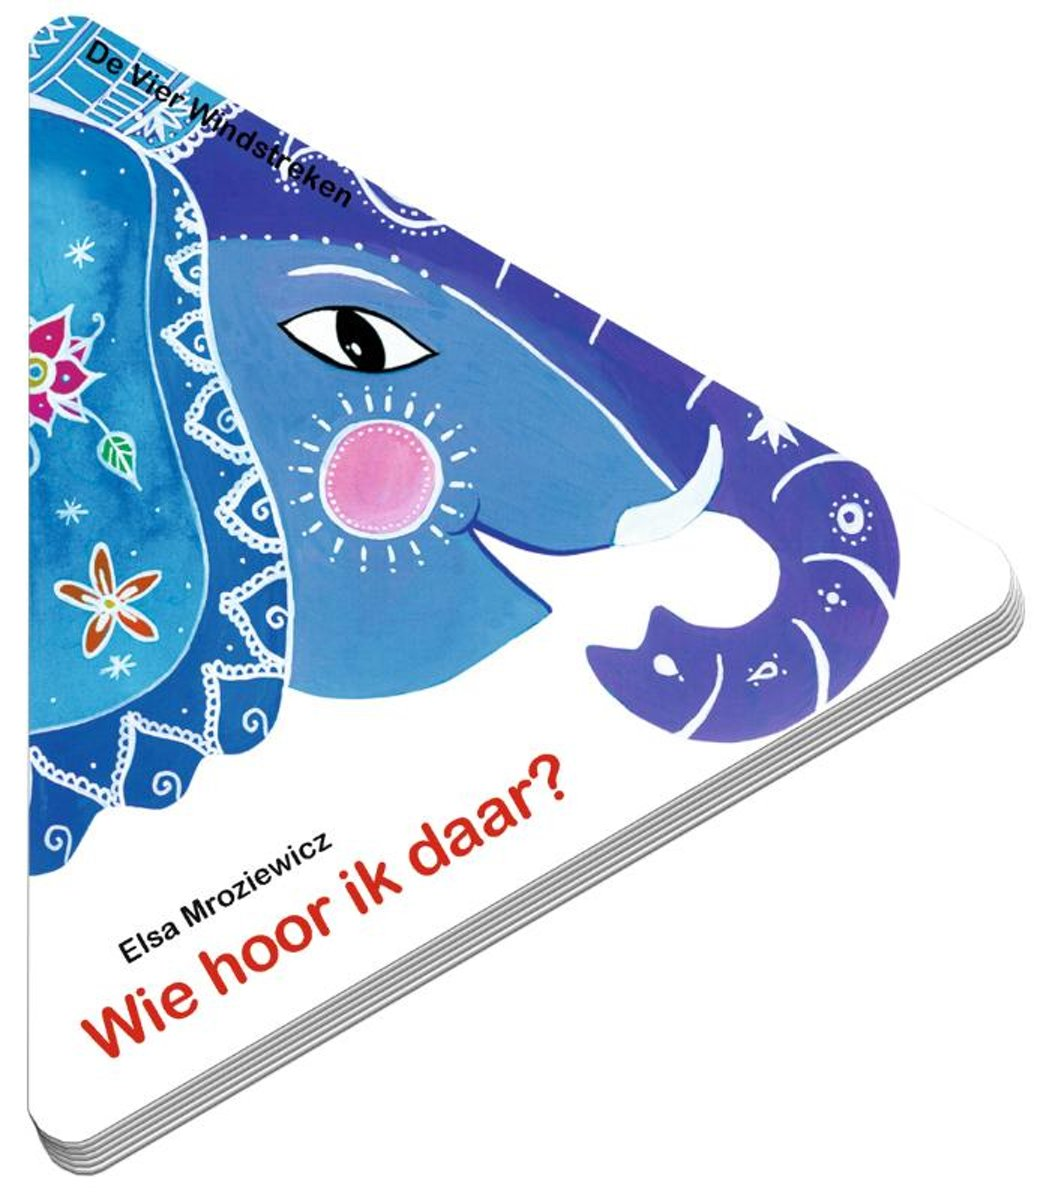 bol.com | Wie hoor ik daar?, Elsa Mroziewicz | 9789051167825 | Boeken